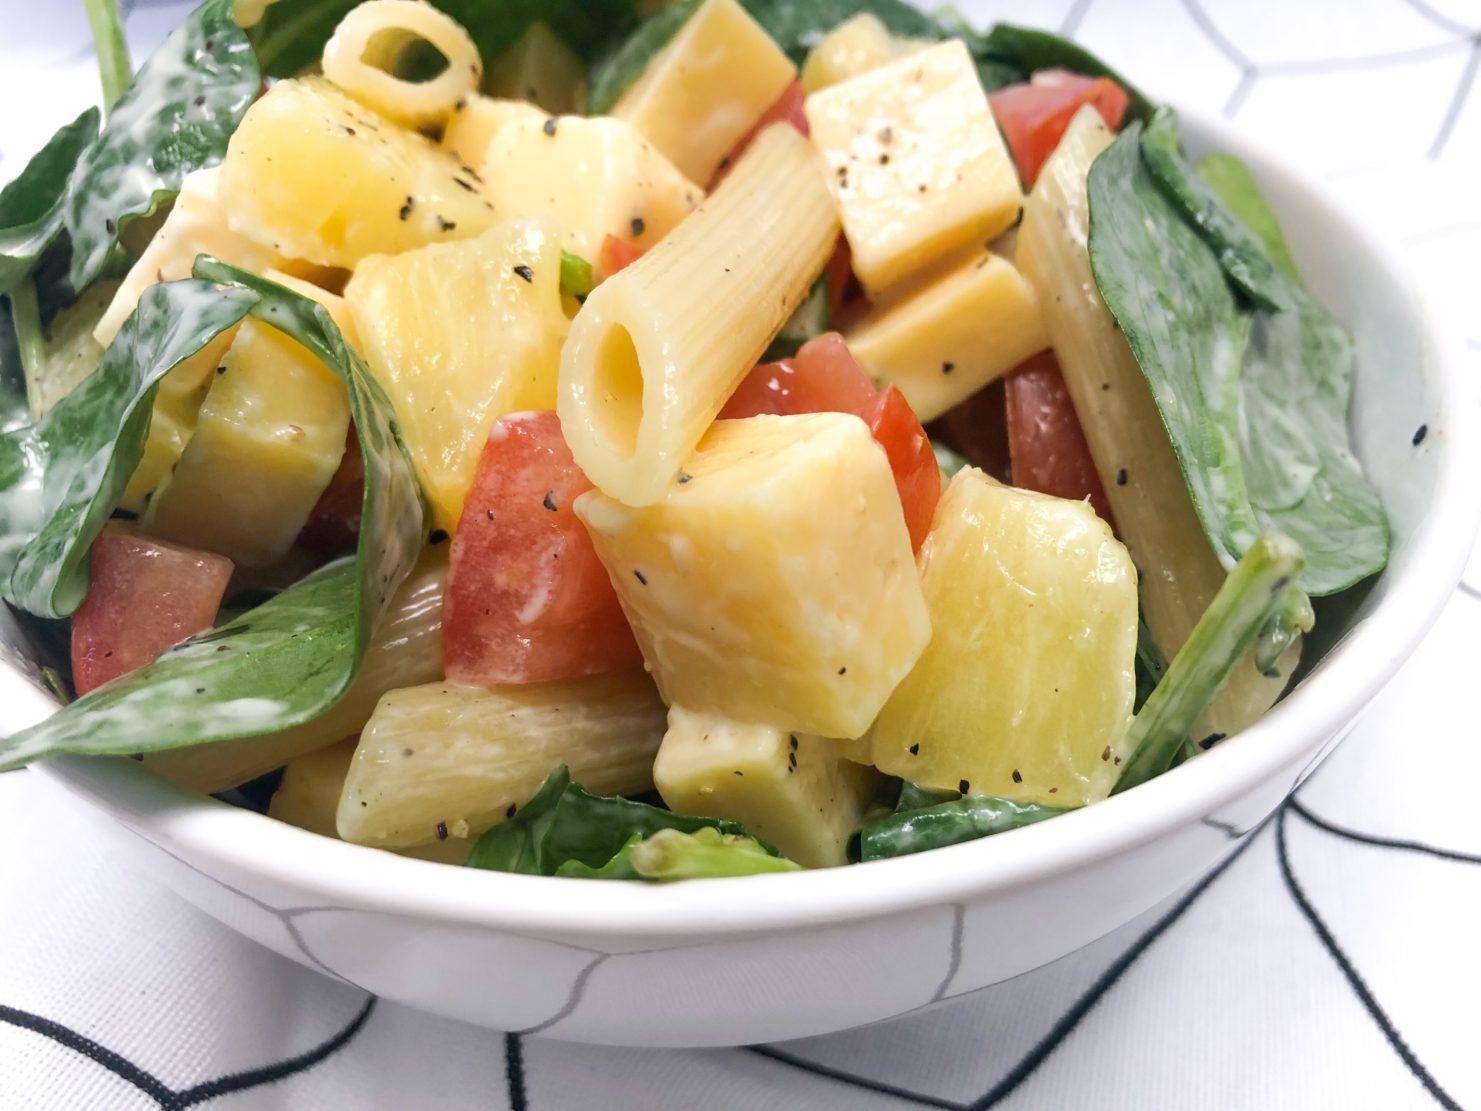 recepten, vegetarisch, gezond